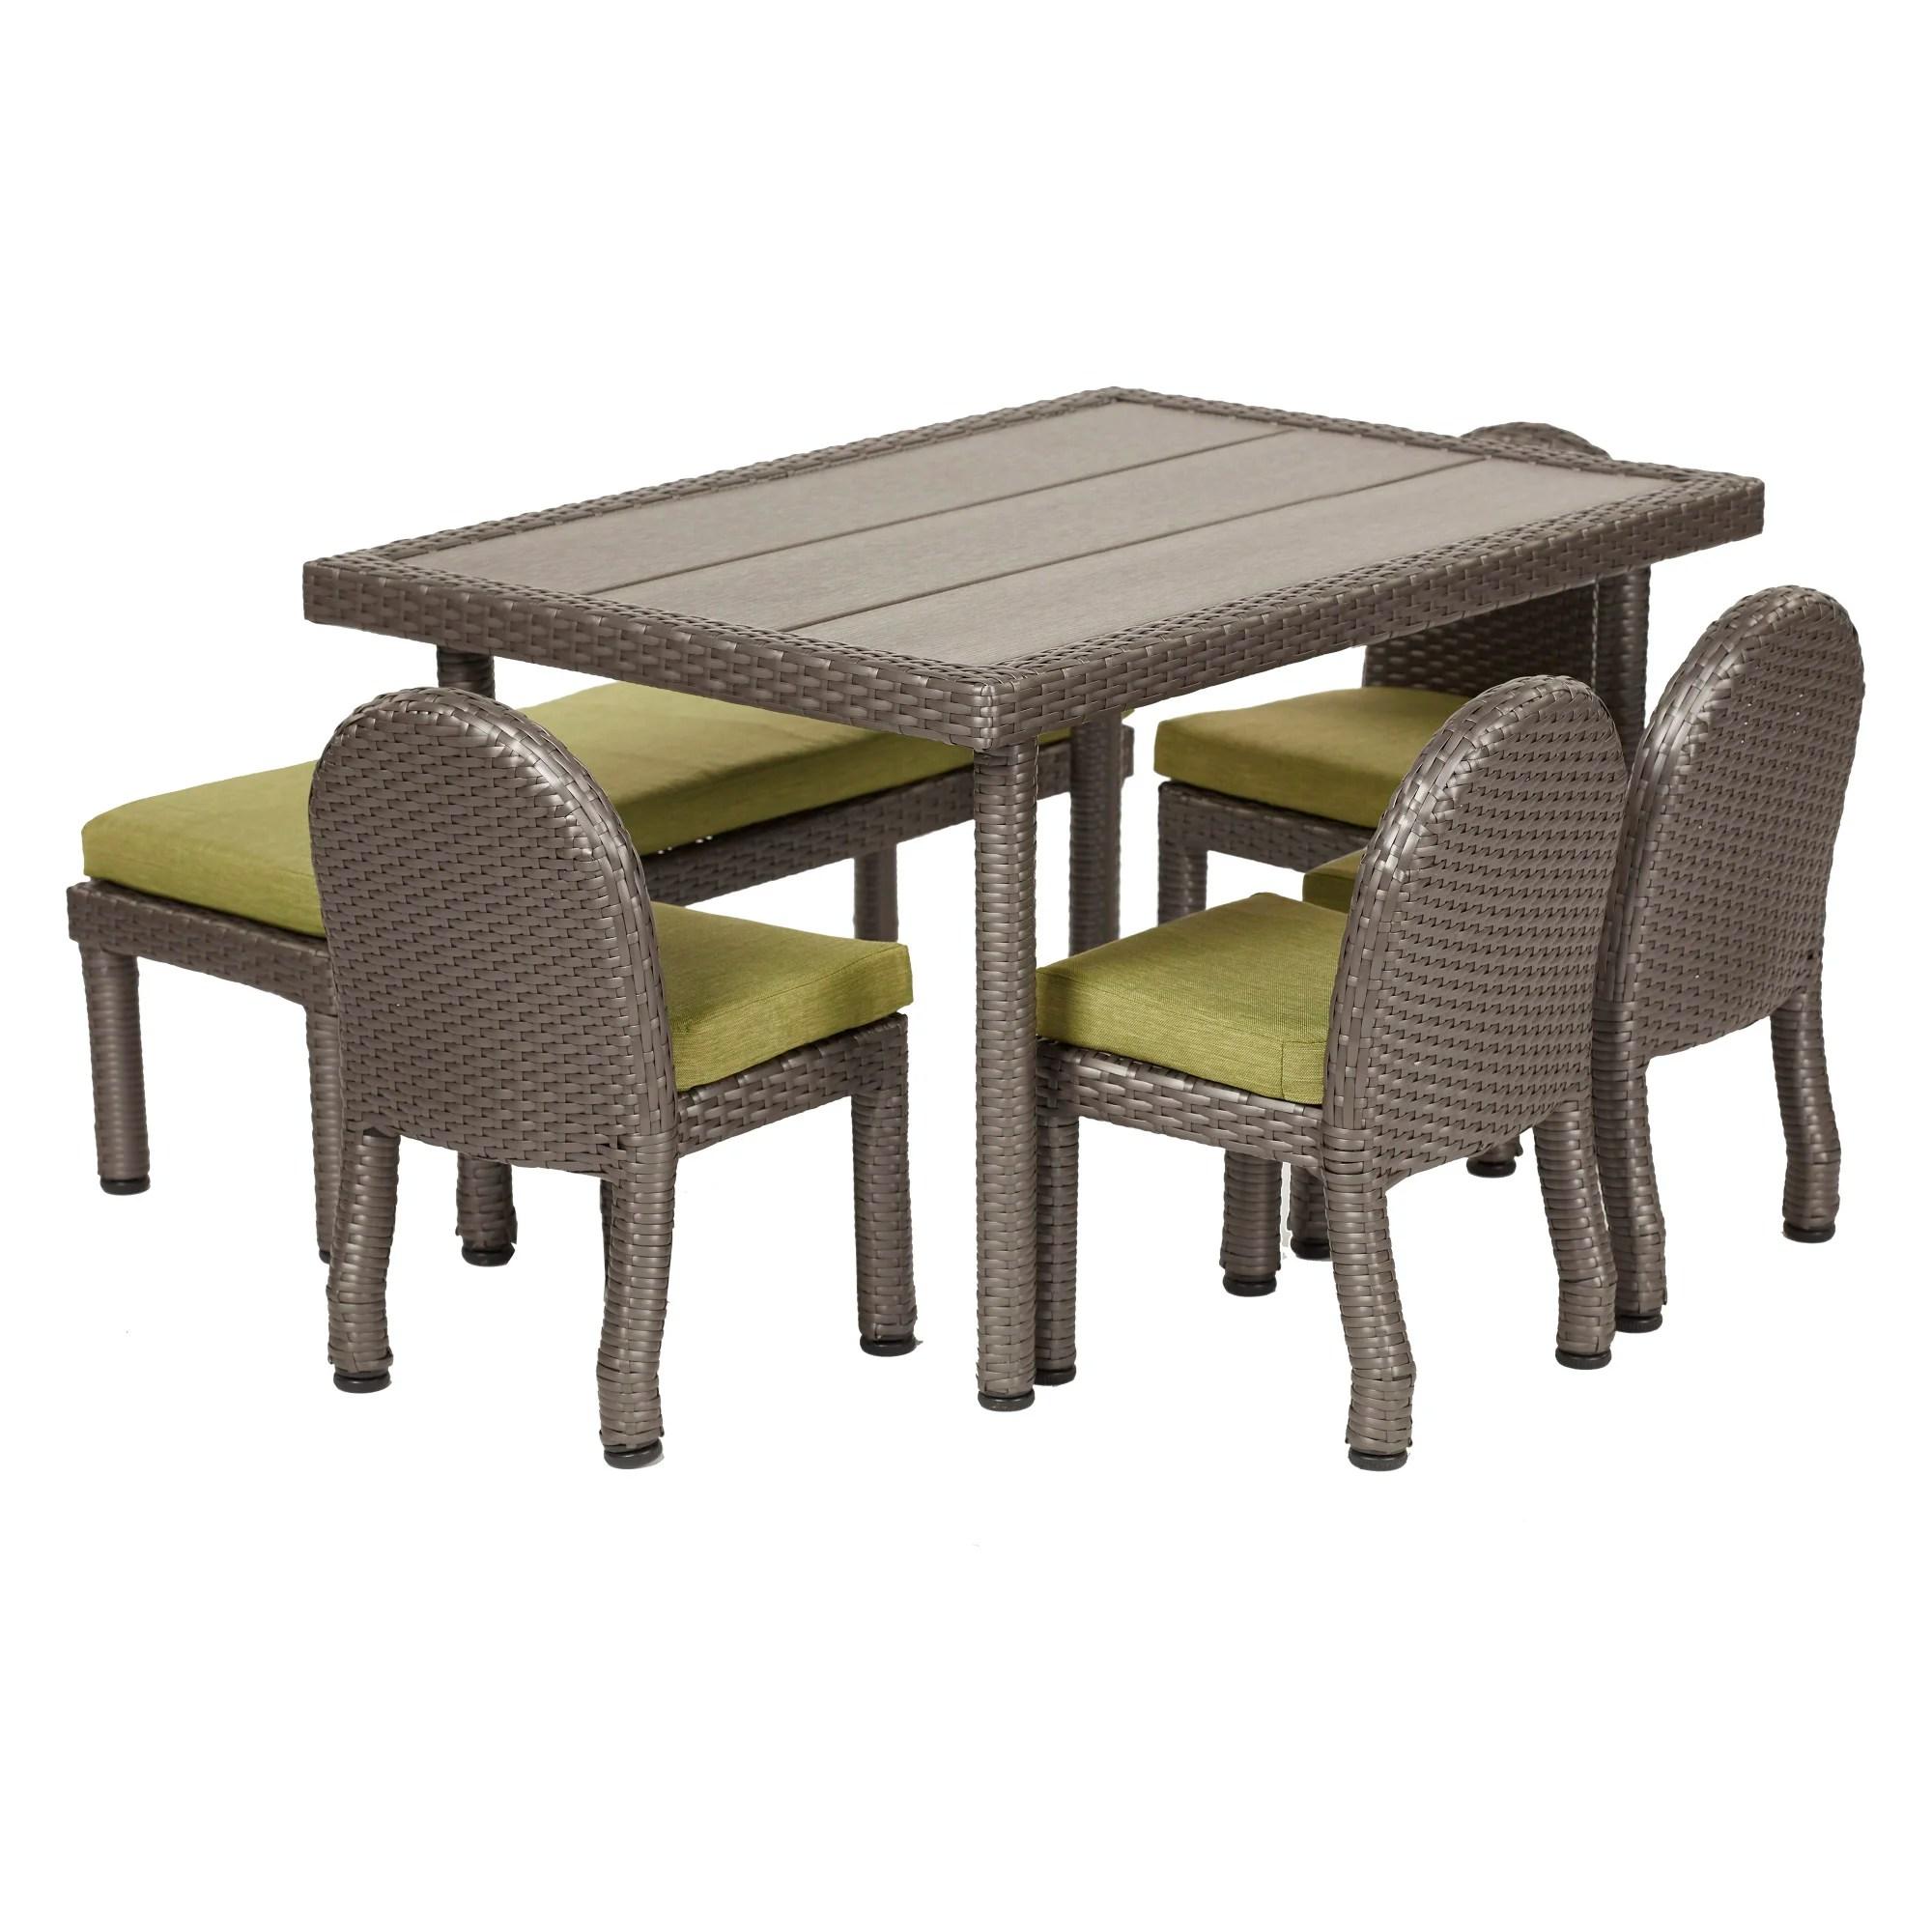 Petite Table Pour Enfant Petite Table Bois Pour Enfants Bureau